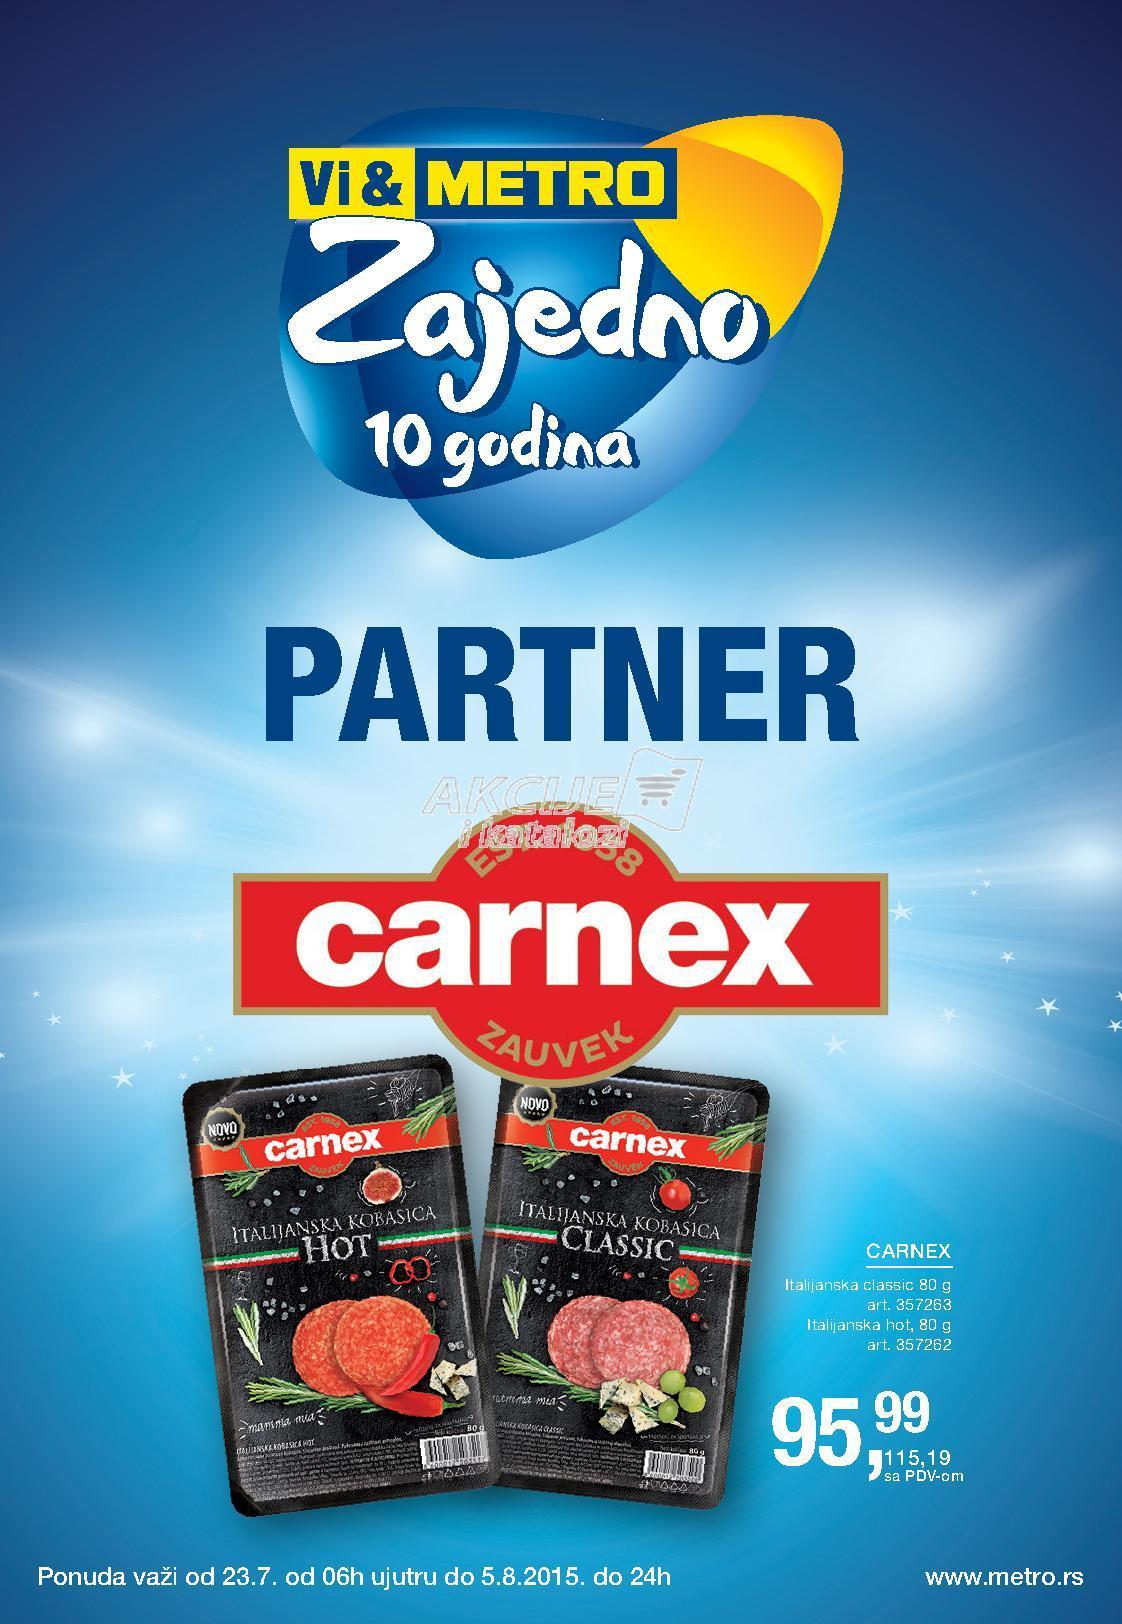 Metro - Redovna akcija super cene Carnex proizvoda